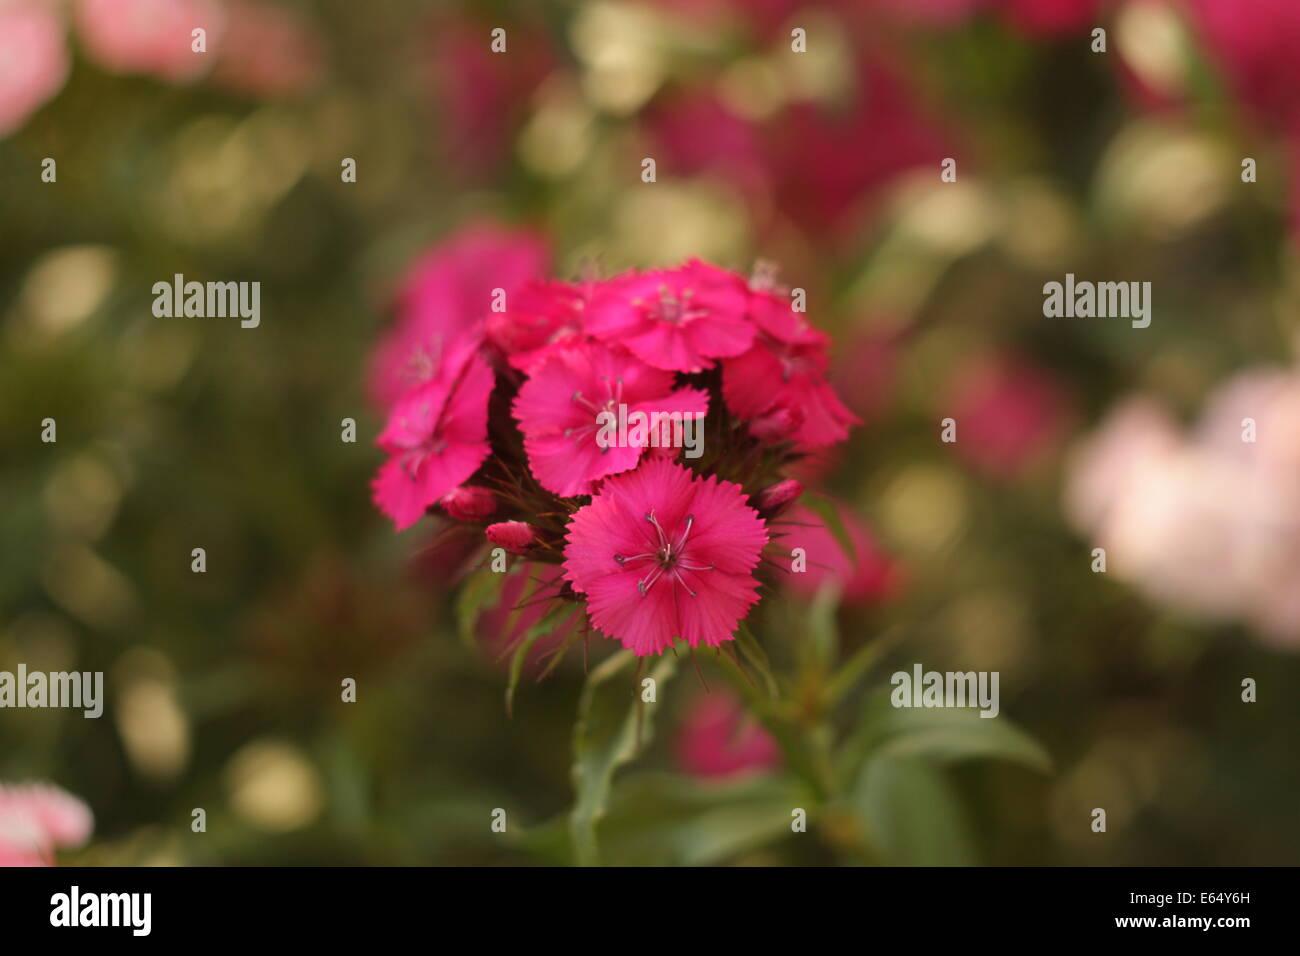 Sweet William flowers, Dianthus barbatus close-up. - Stock Image